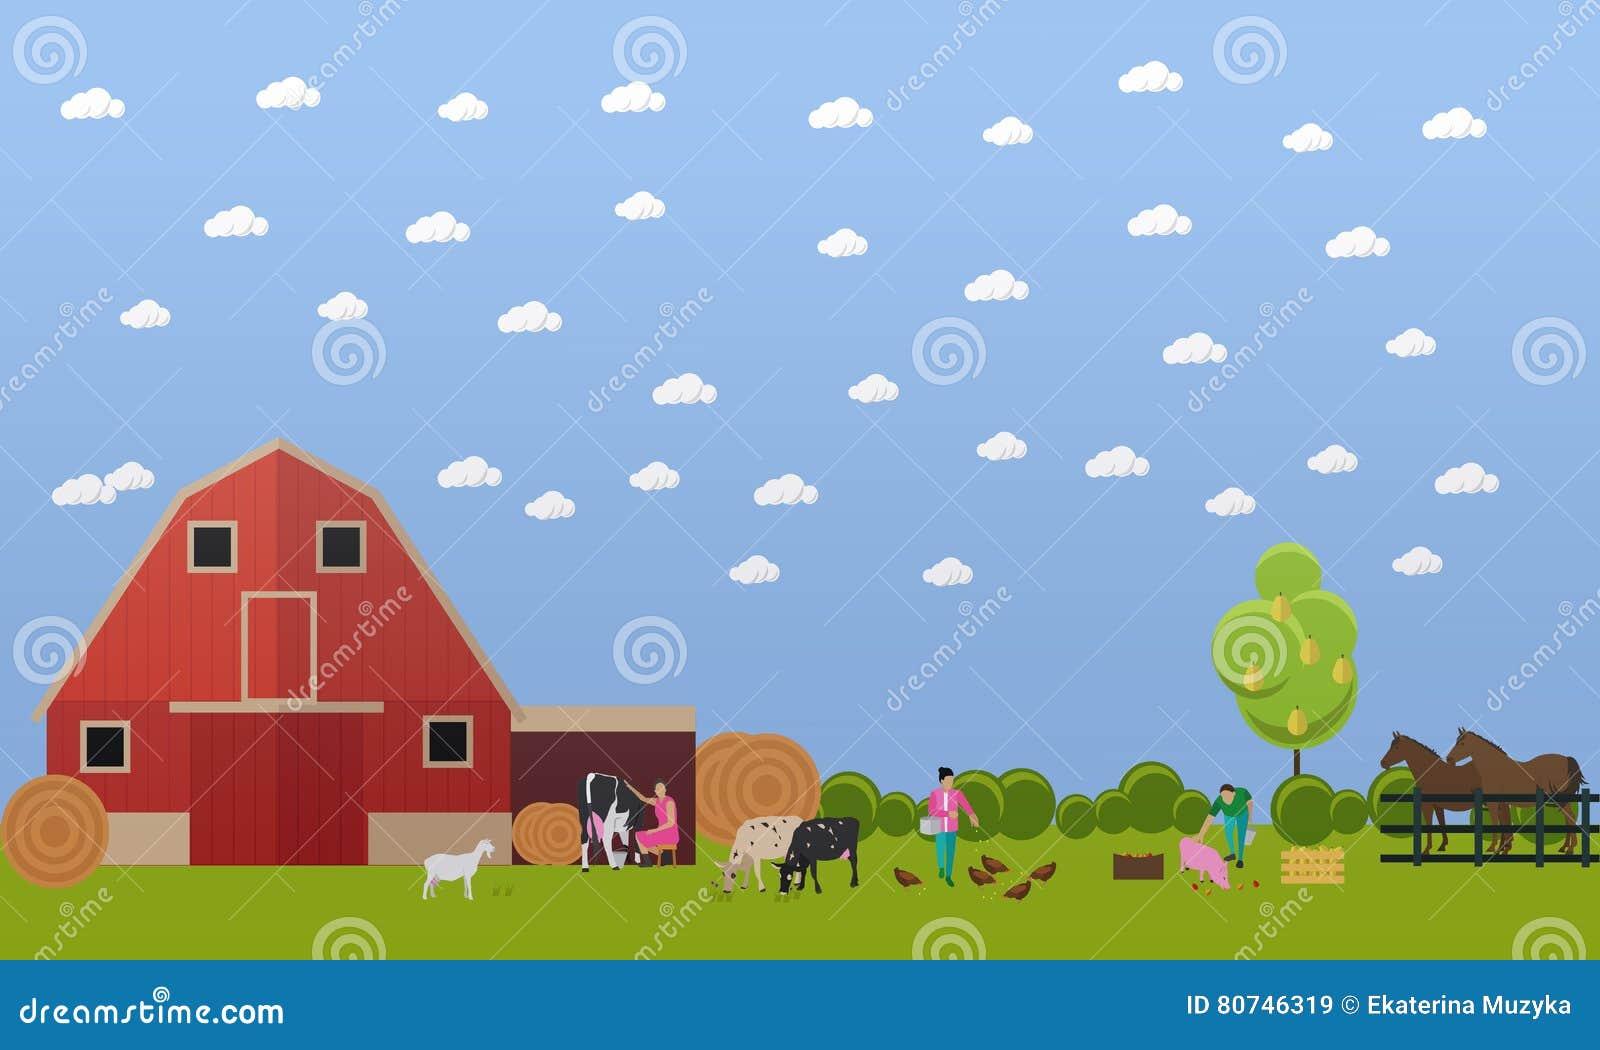 Καλλιεργώντας άνδρες και γυναίκες που εργάζονται στην αυλή, διανυσματική απεικόνιση